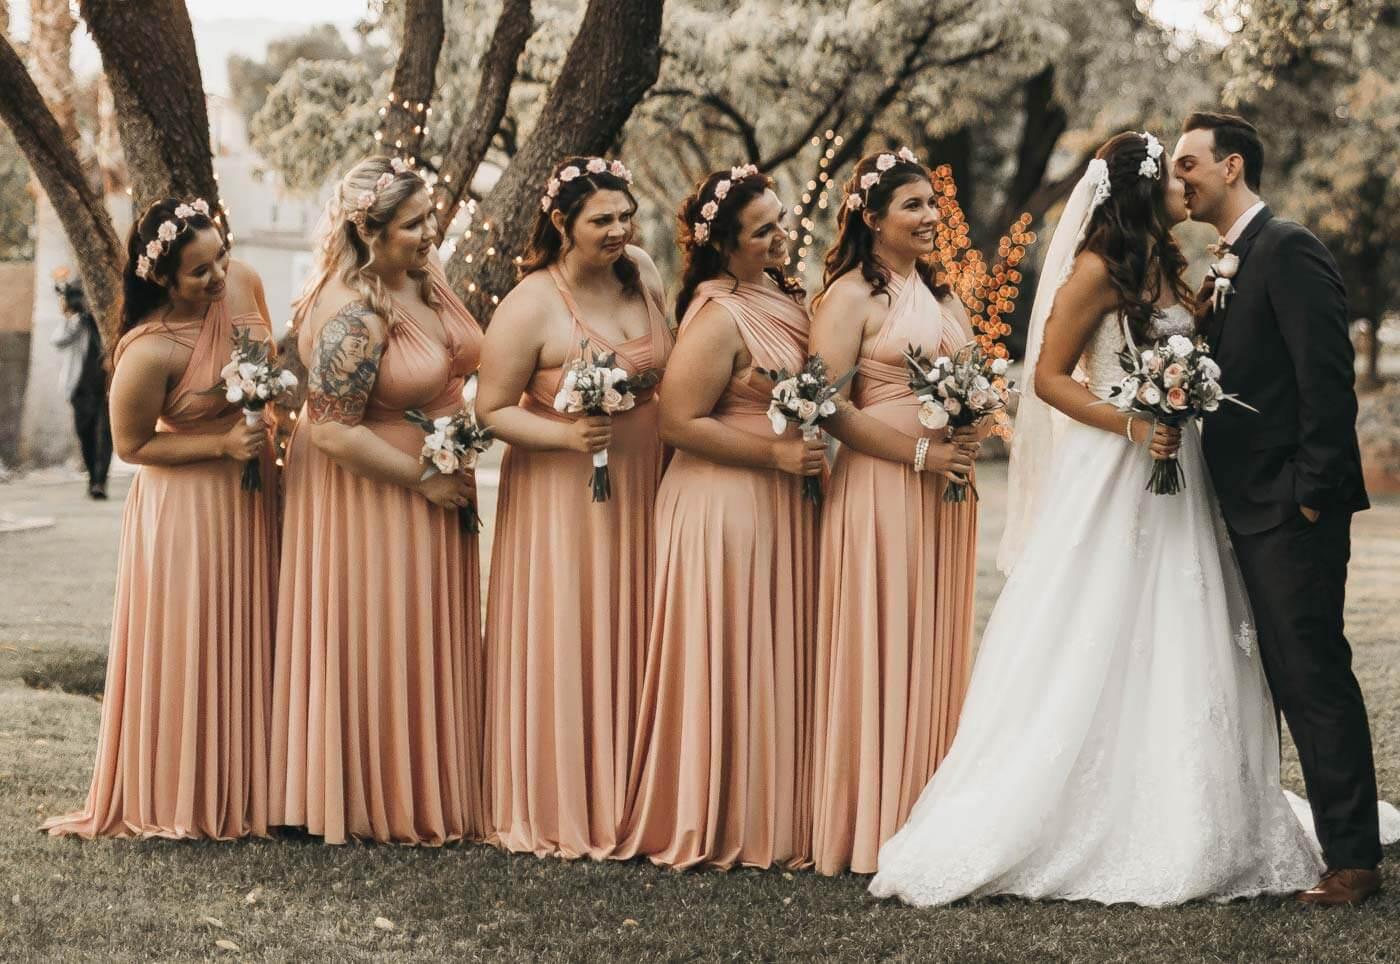 Kleid für Brautjungfer